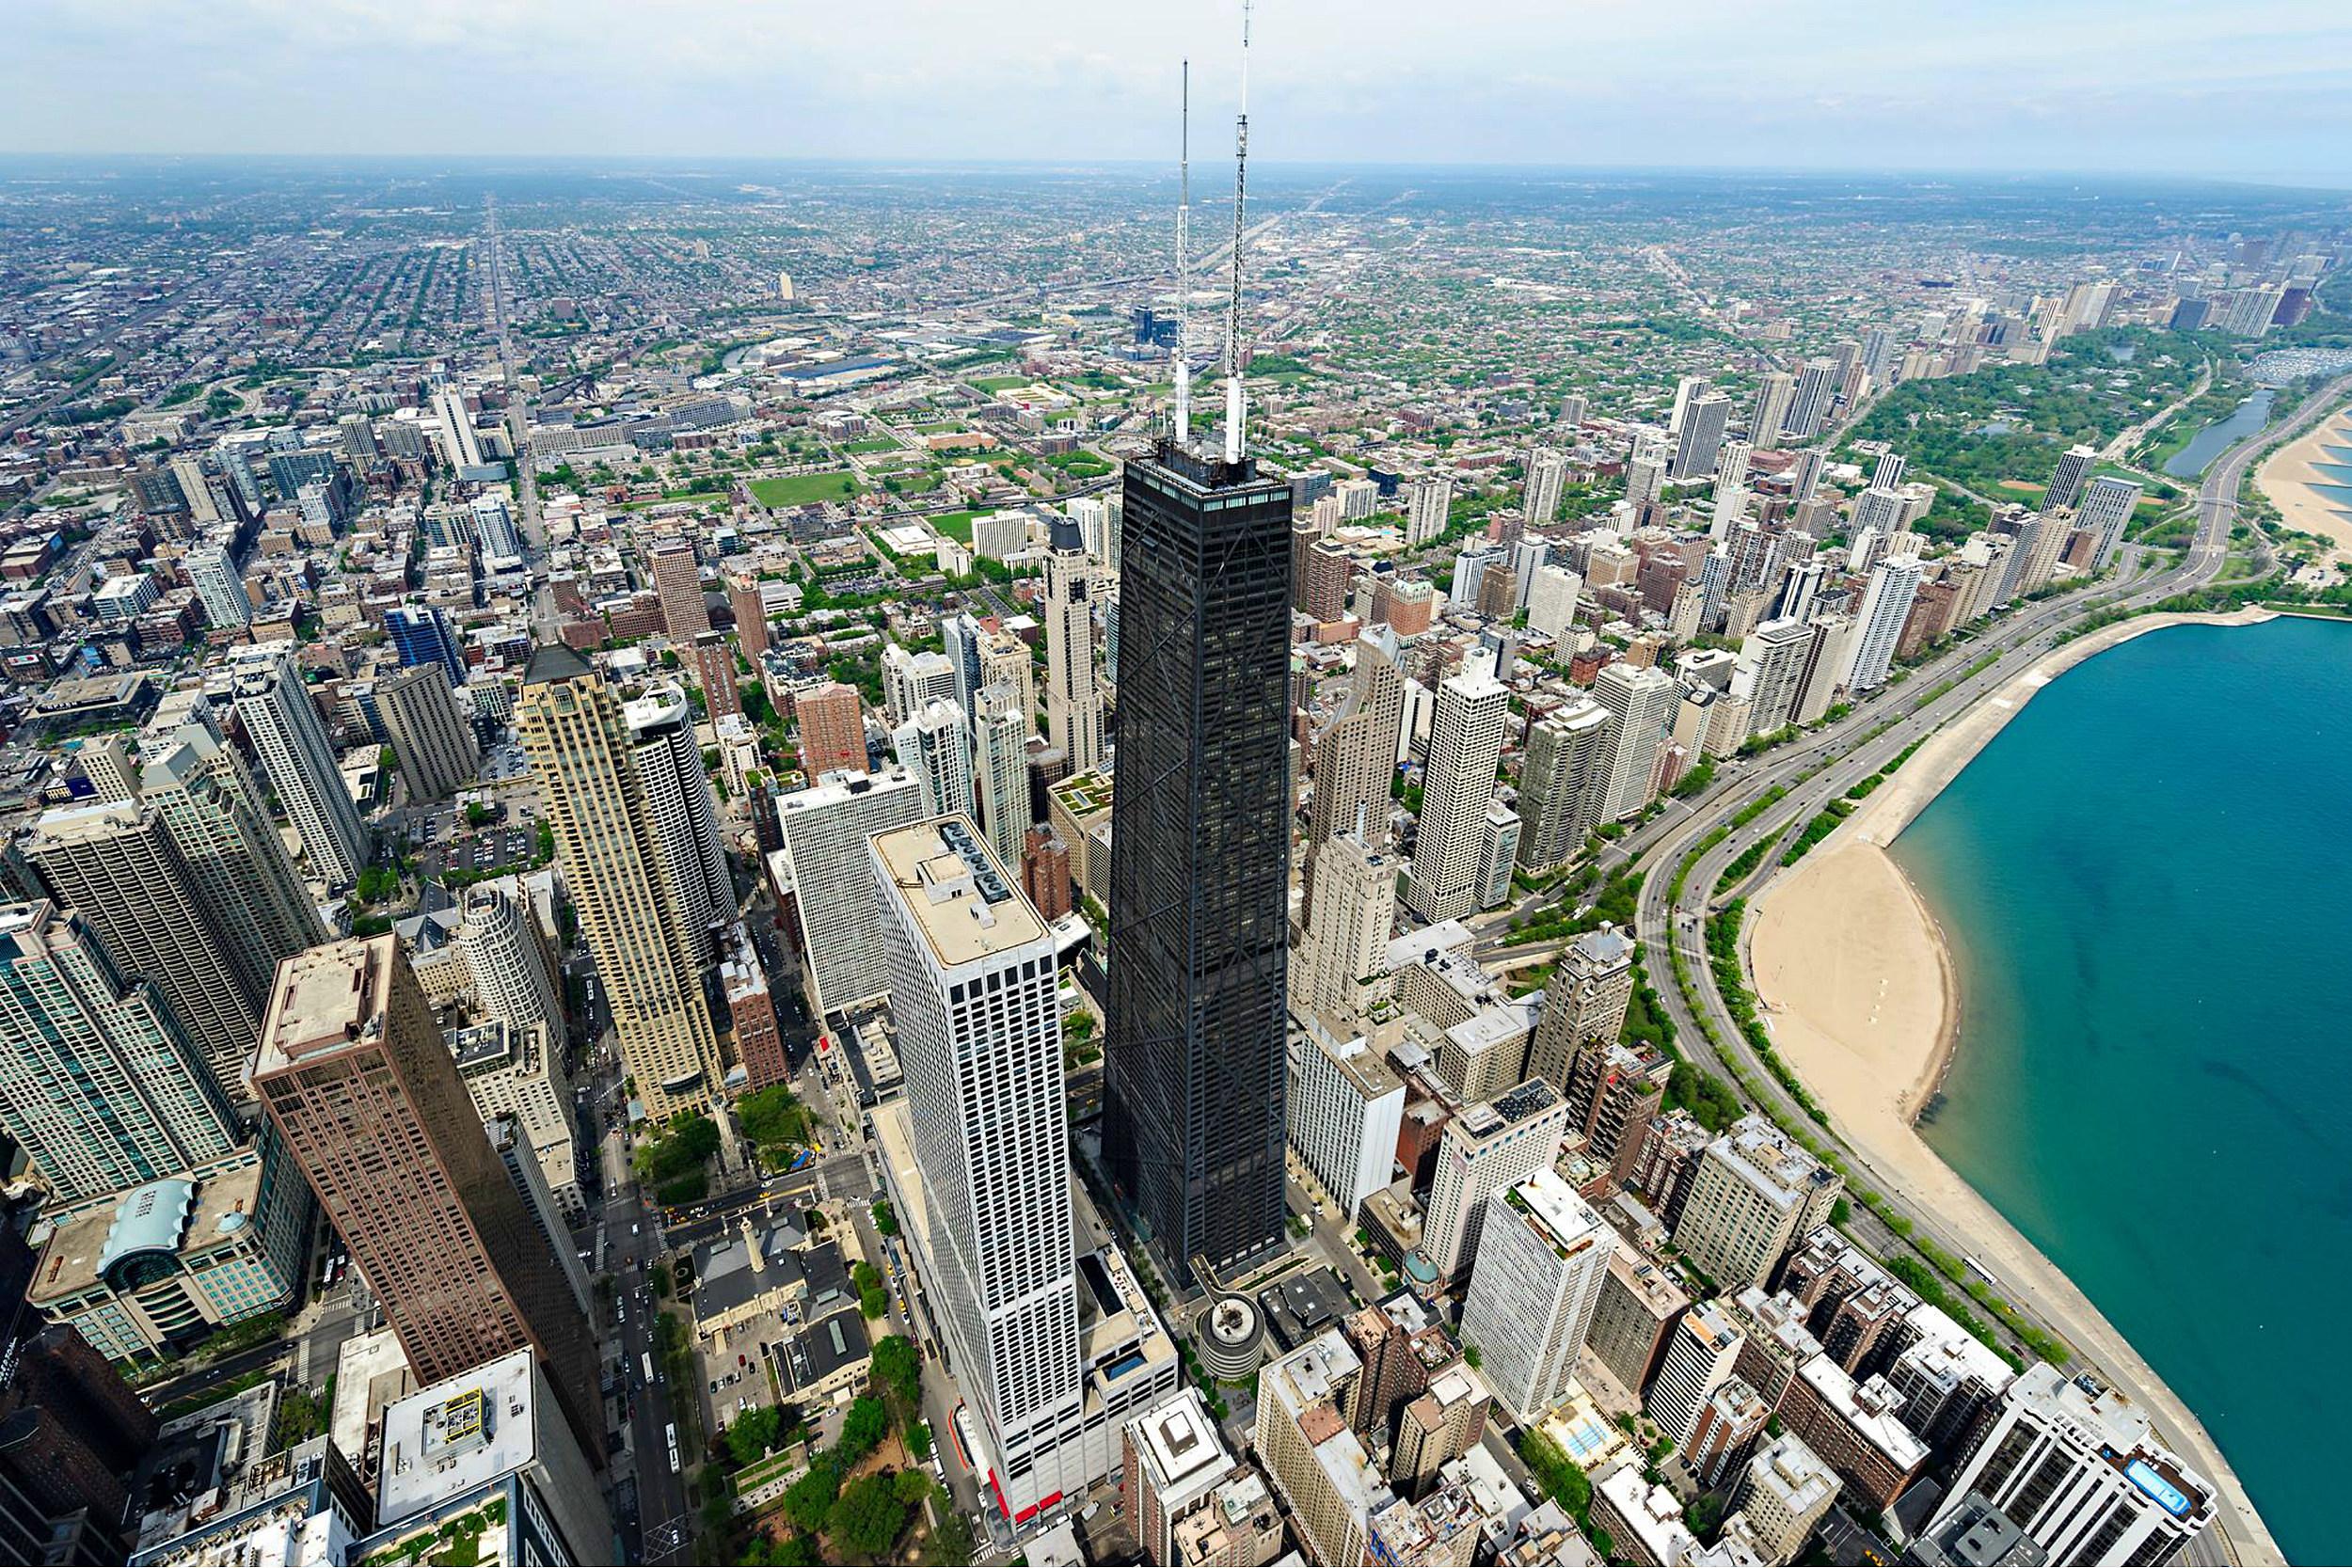 John Hancock Building Observation Deck Chicago